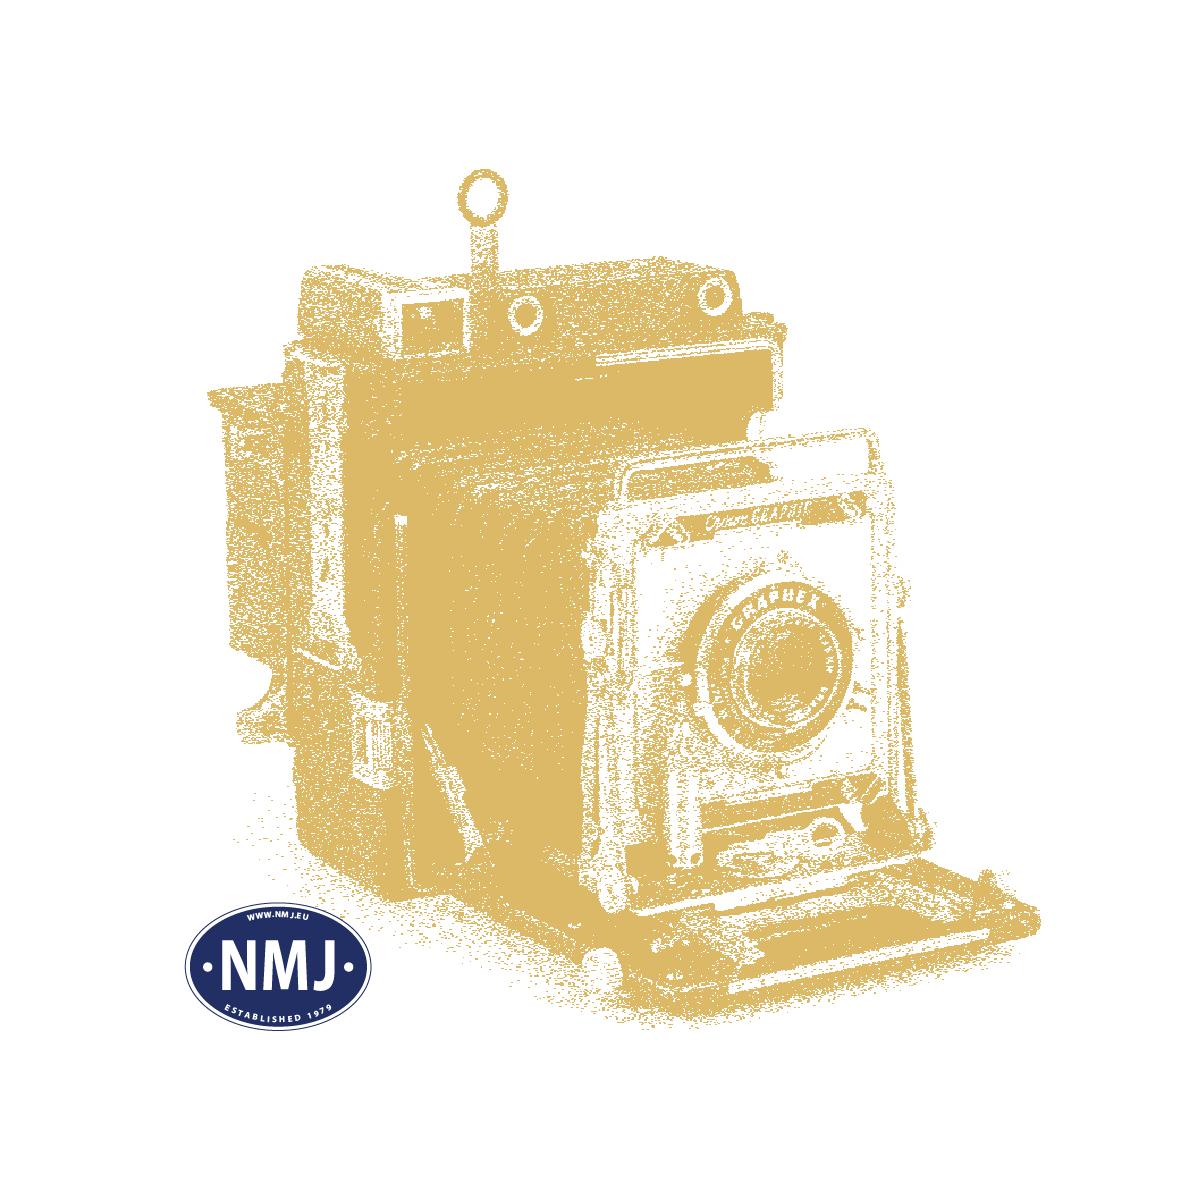 """ROC51329 - Digitalt Startsett """"z21 Start"""" m/ Damplok og 3 godsvogner"""